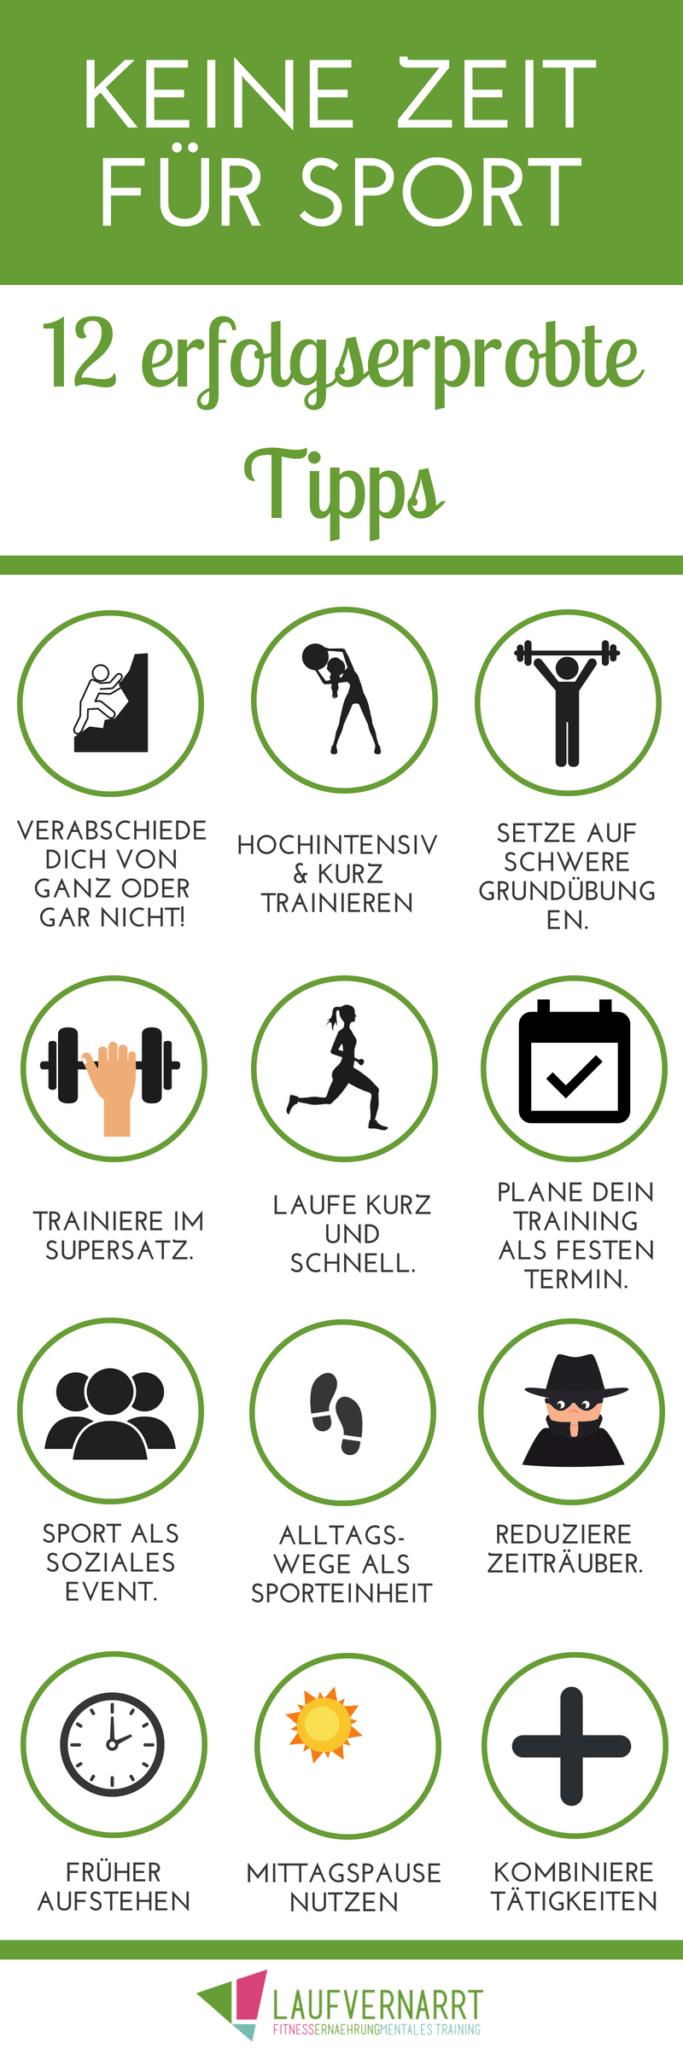 Photo of Keine Zeit für Sport? Das sind die besten Tricks! – Laufvernarrt